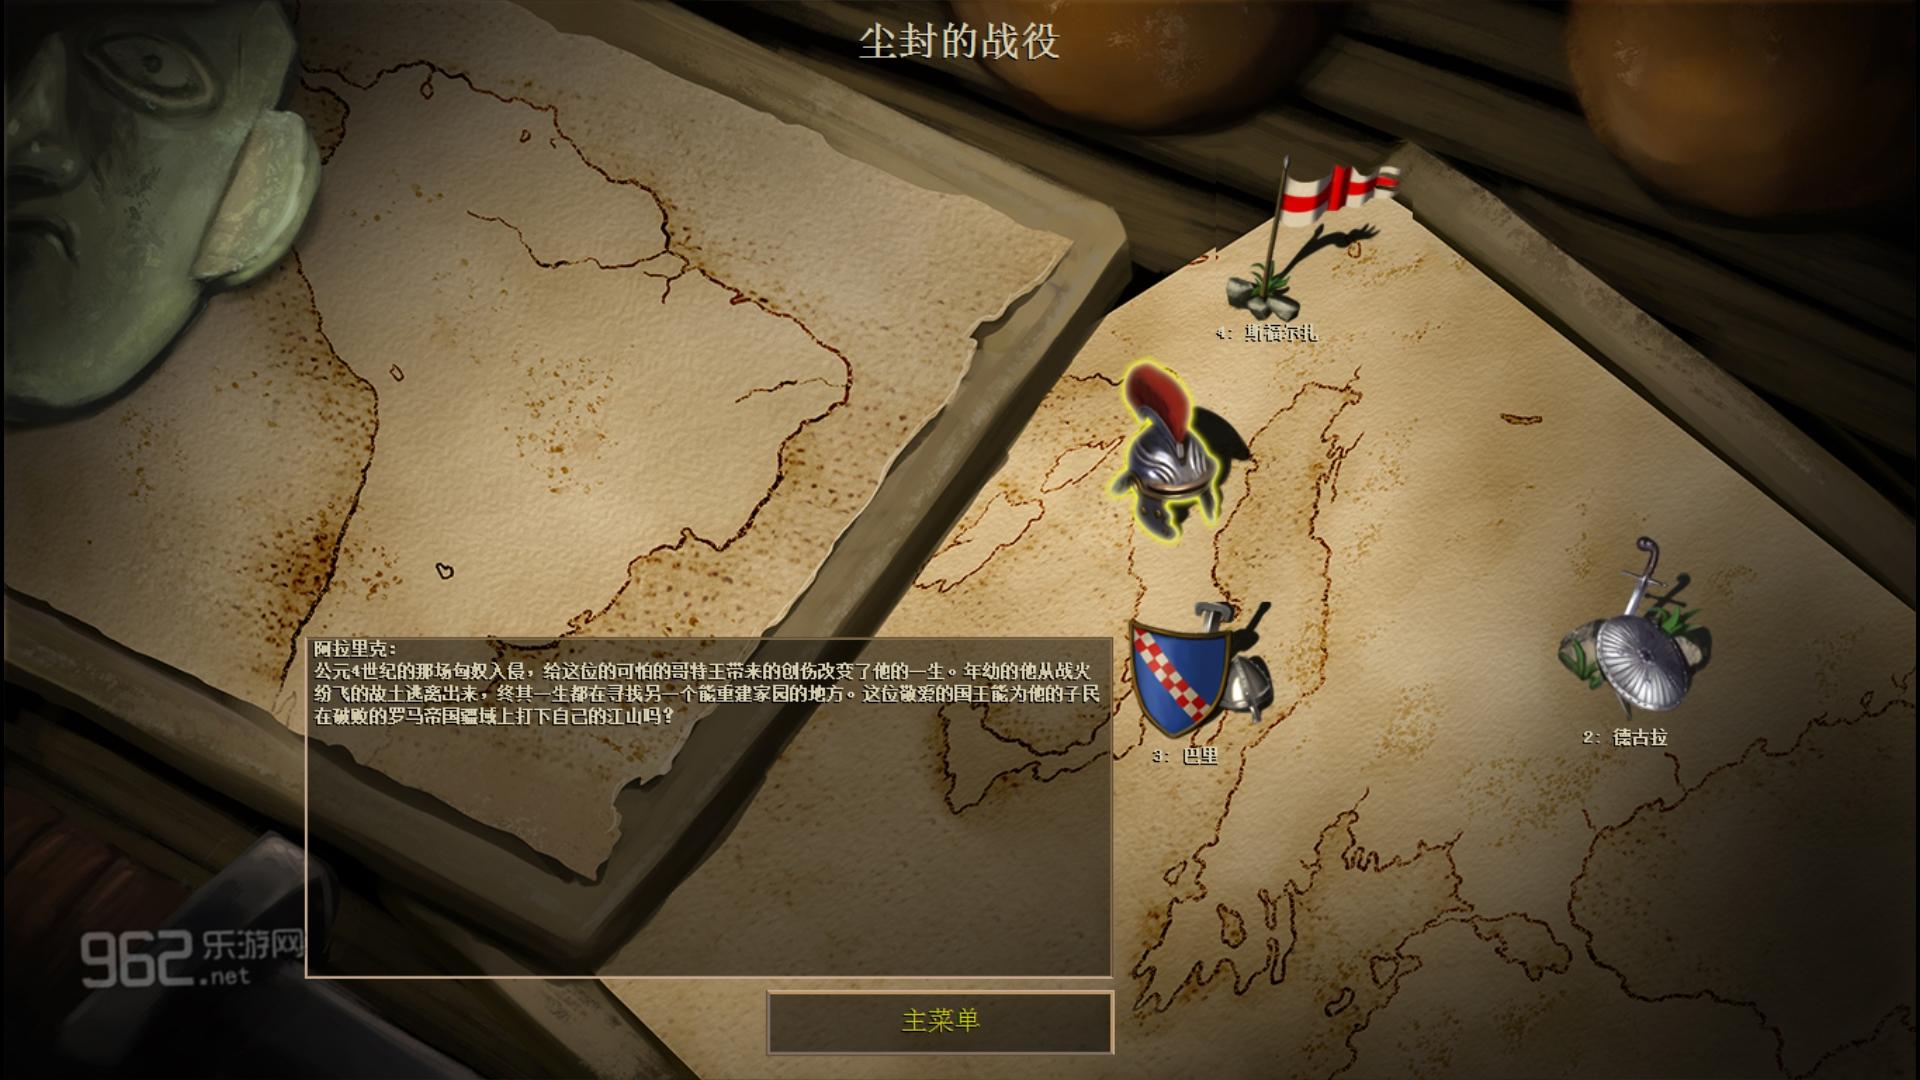 帝国时代2:非洲王国官方中文版截图2